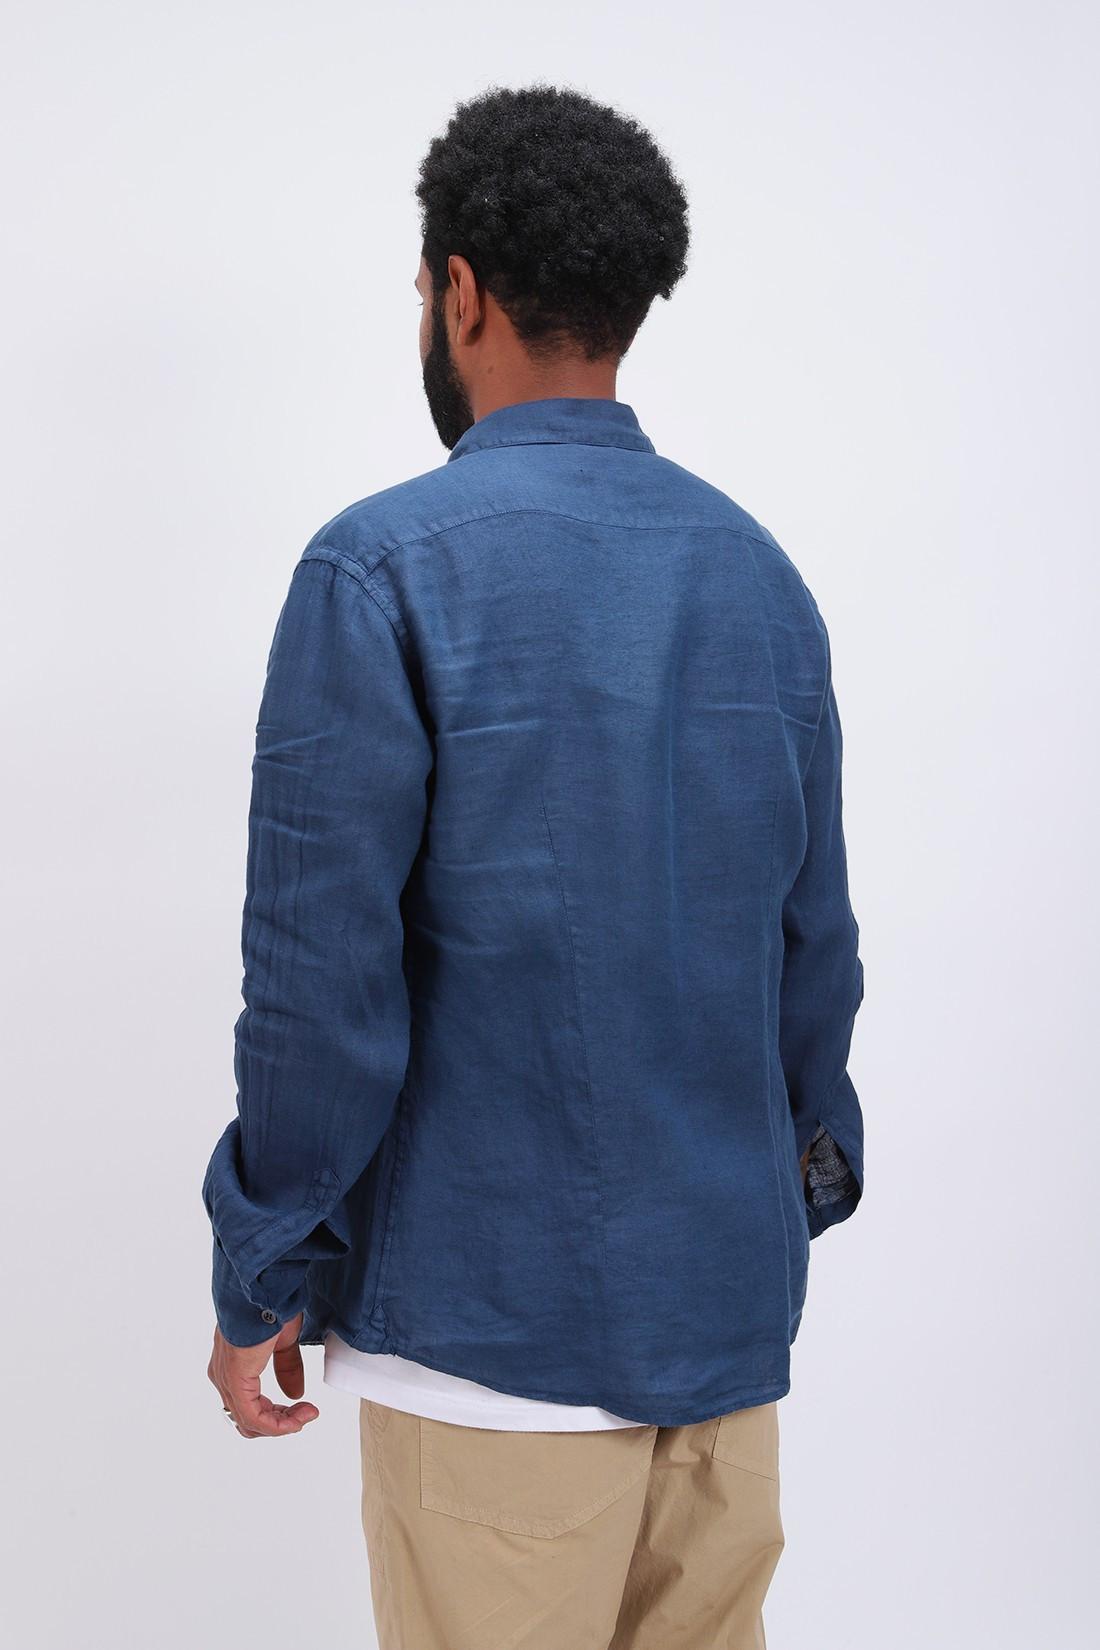 BARENA / Camicia coppi telino Cobalto